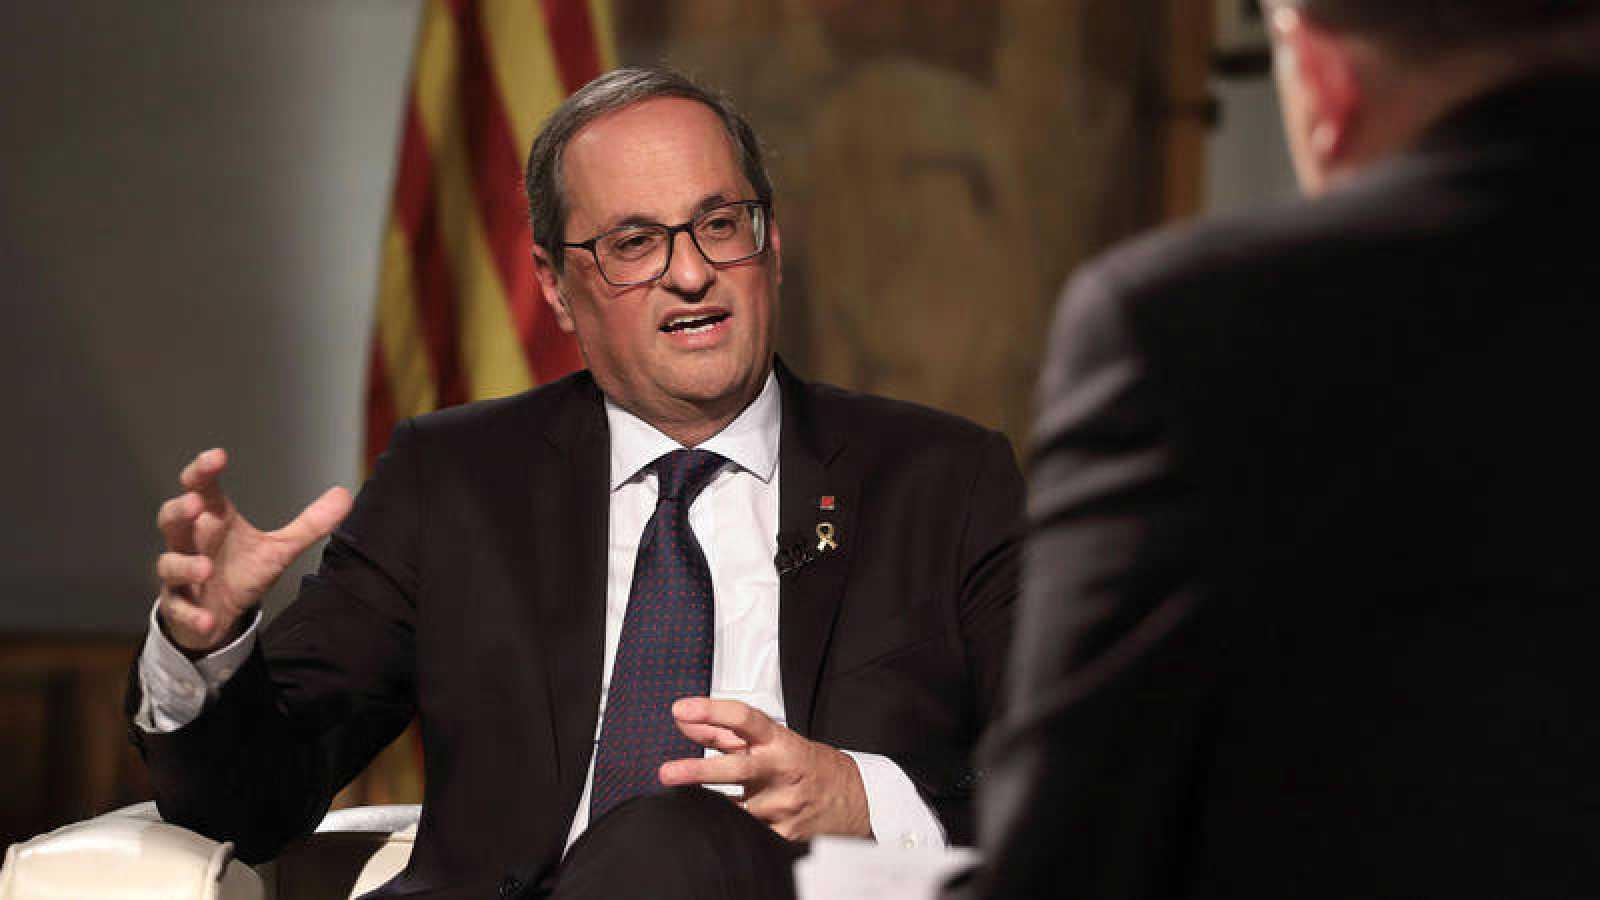 El presidente catalán, Quim Torra, en el Palacio de la Generalitat